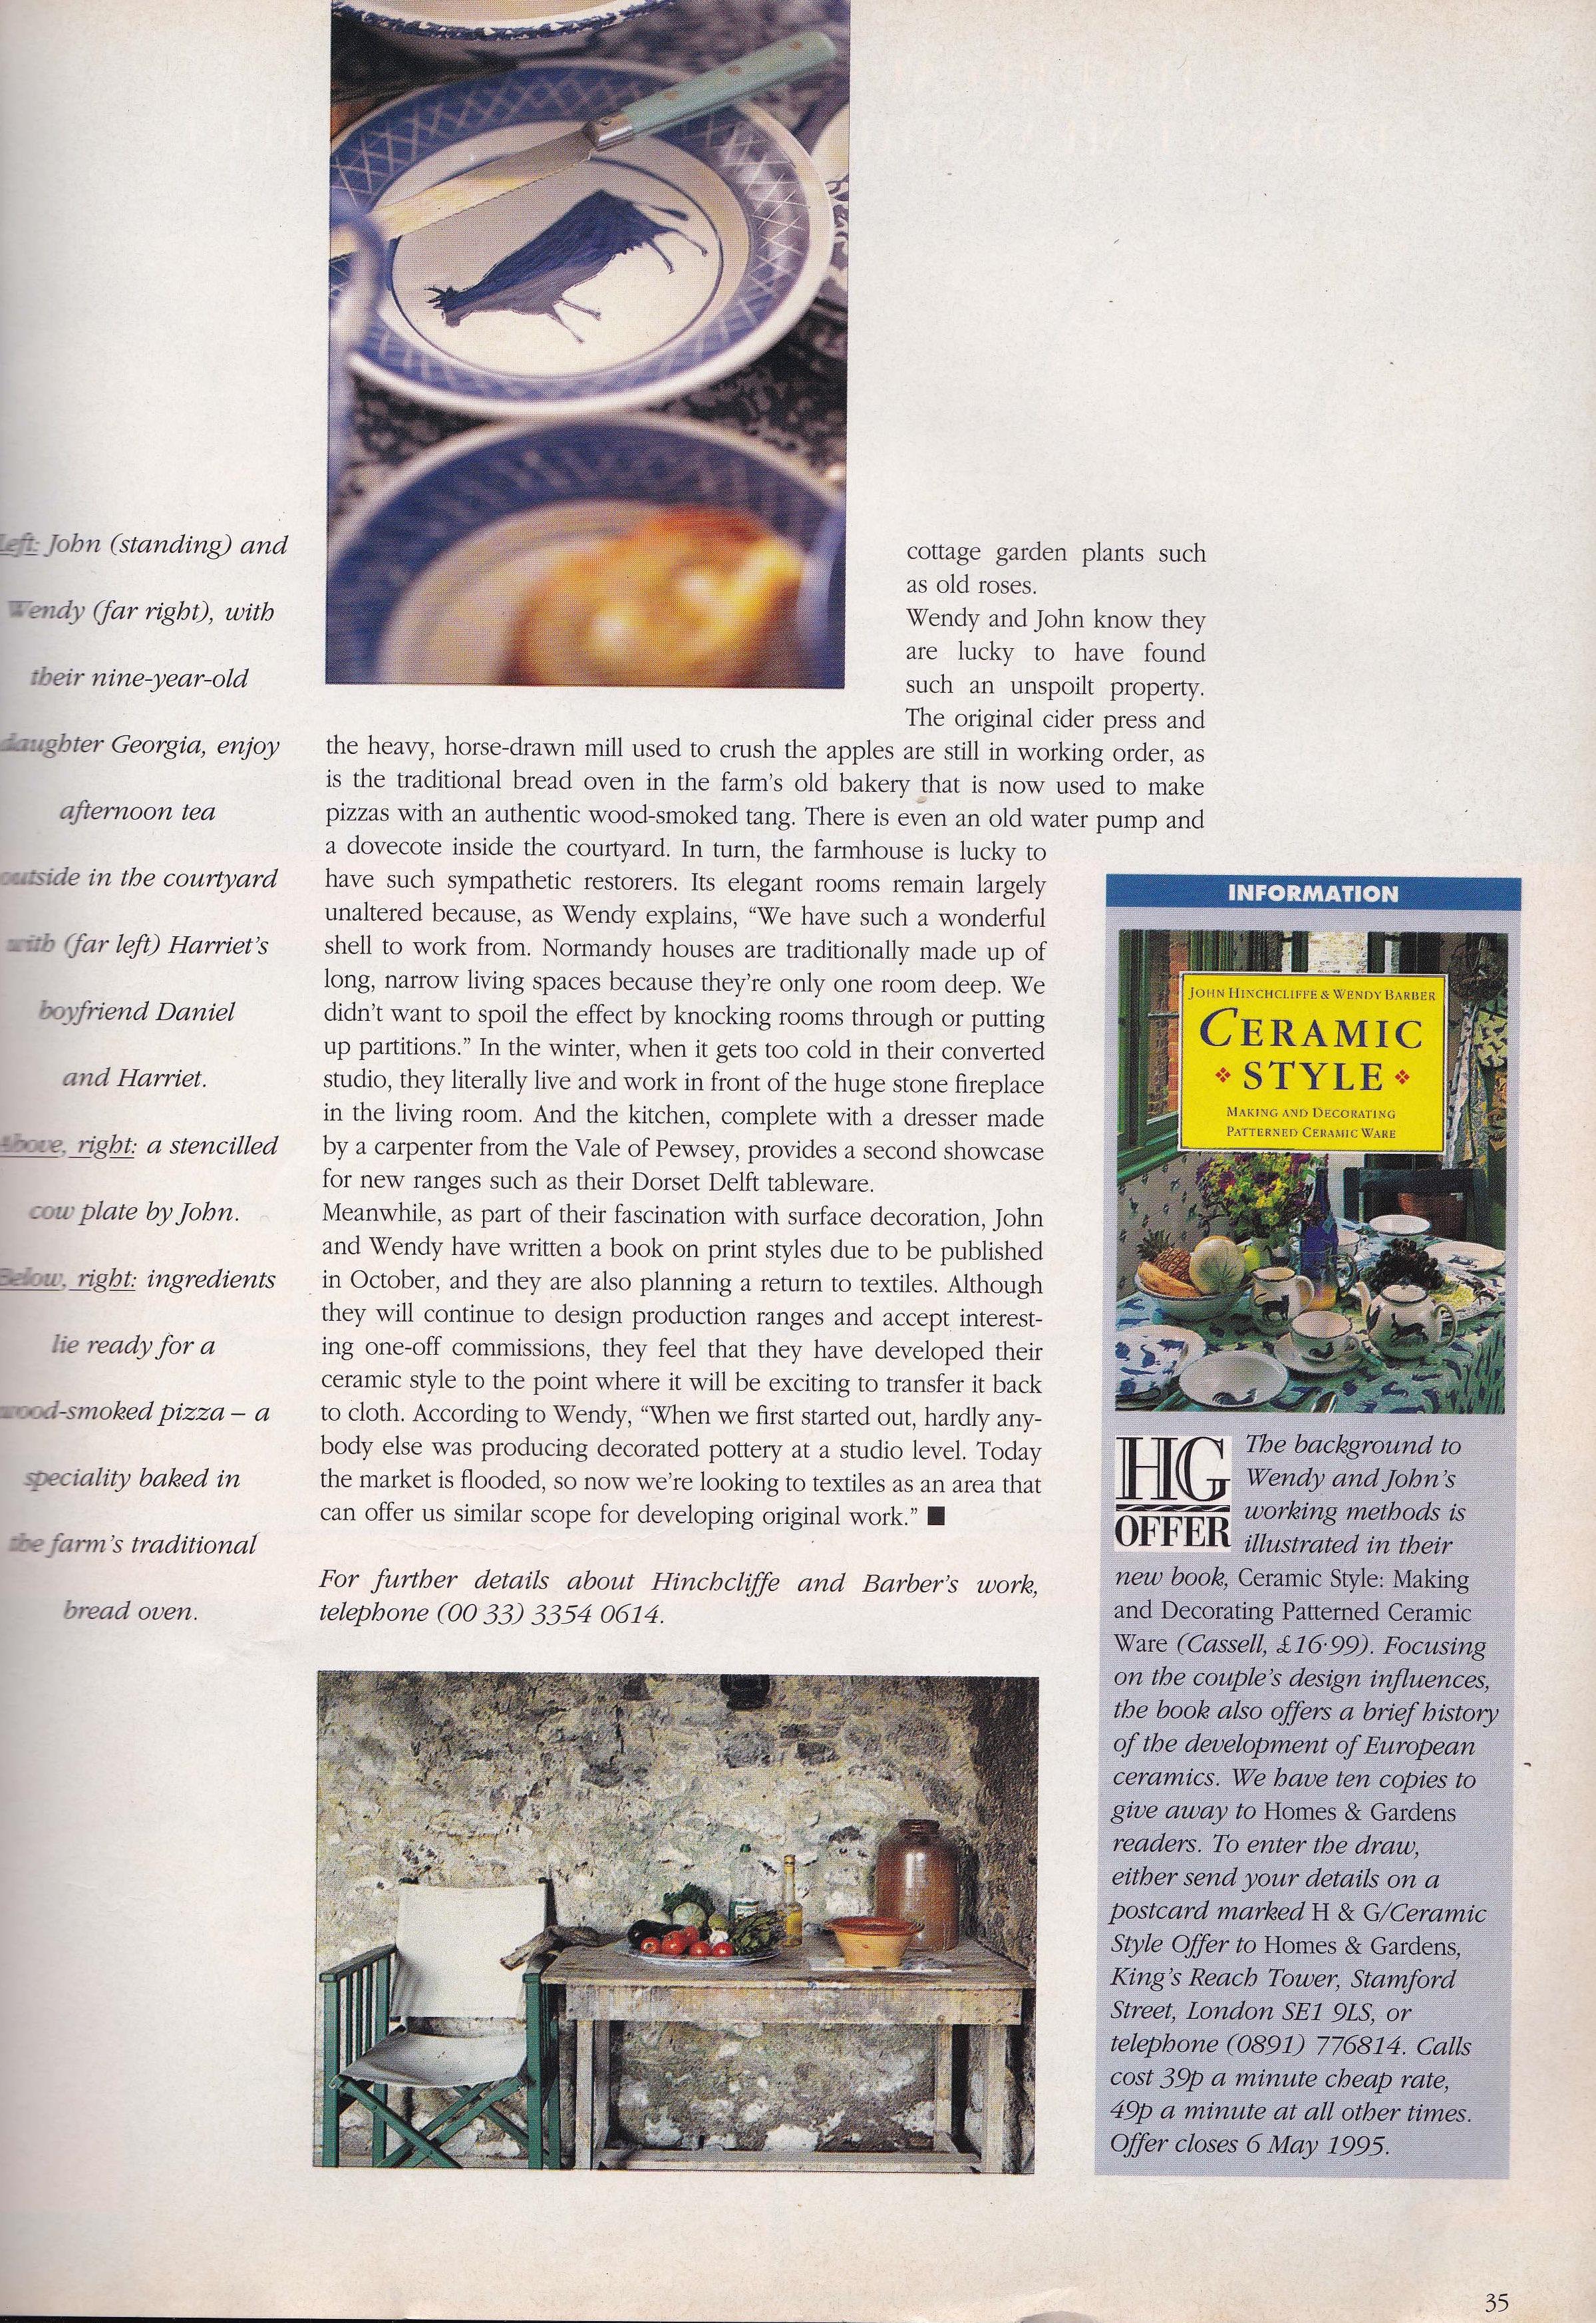 Homes & Gardens 1995